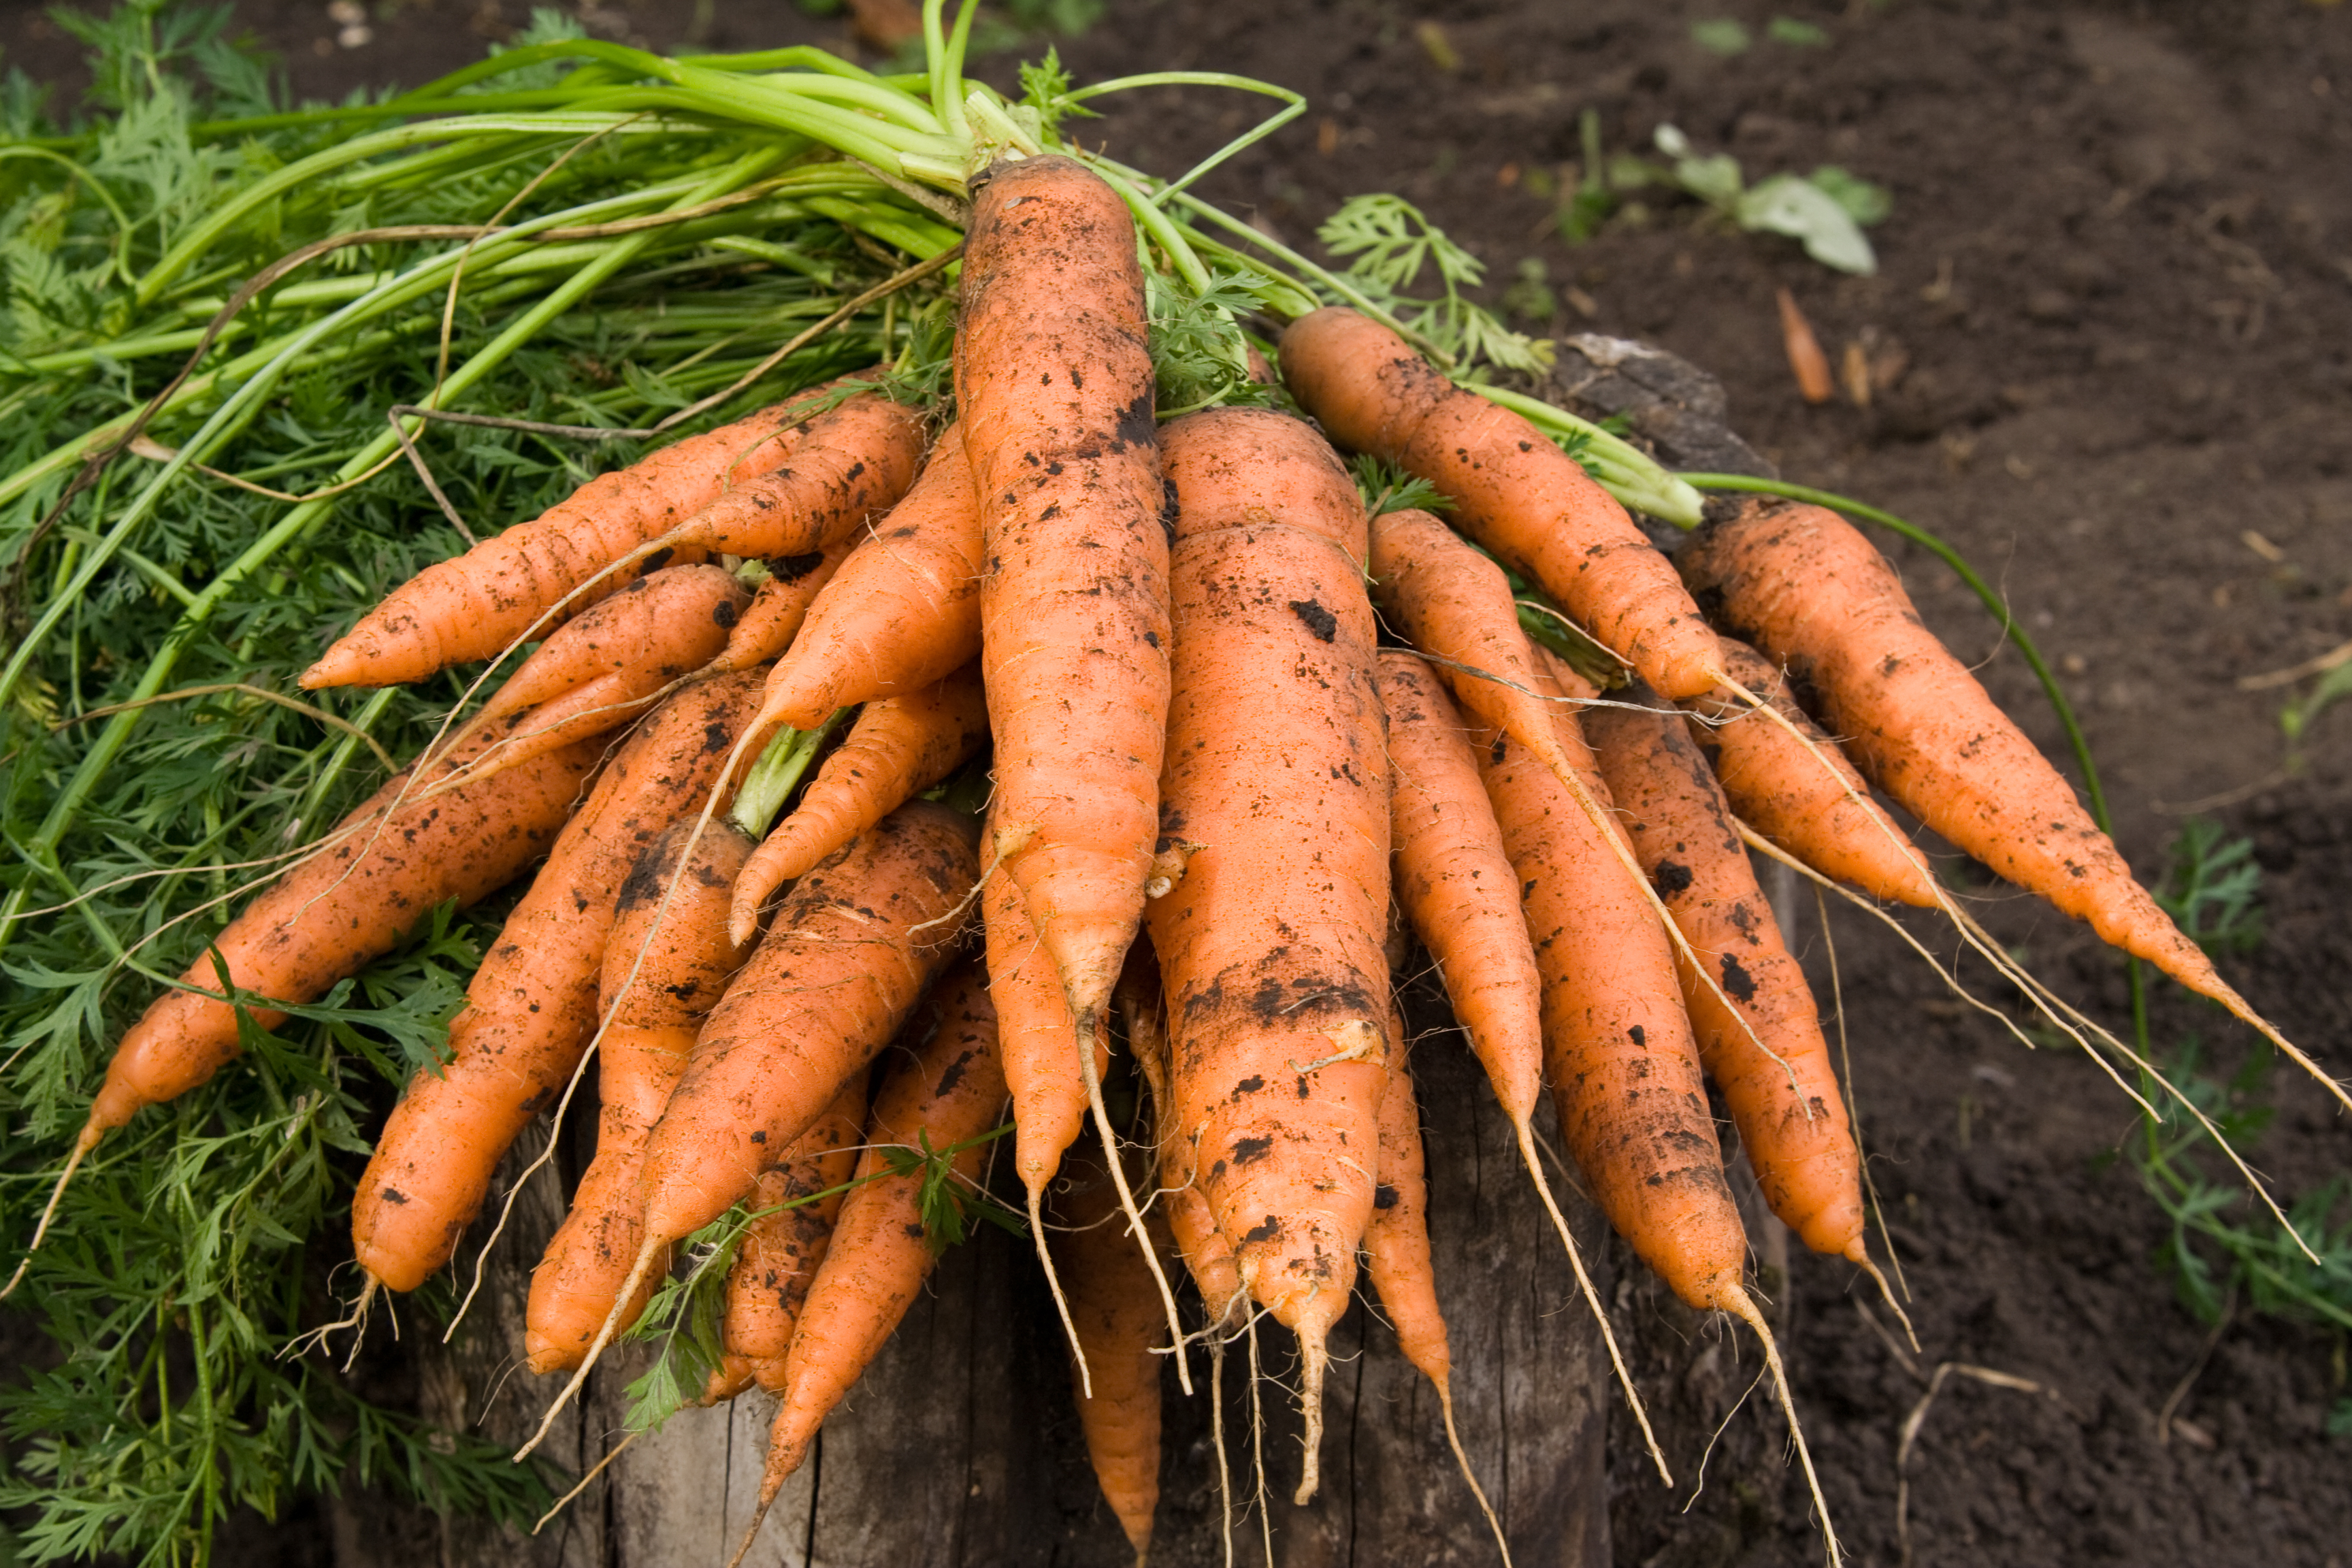 В октябре, как правило, собирают оставшиеся корнеплоды - морковь, свёклу, картофель